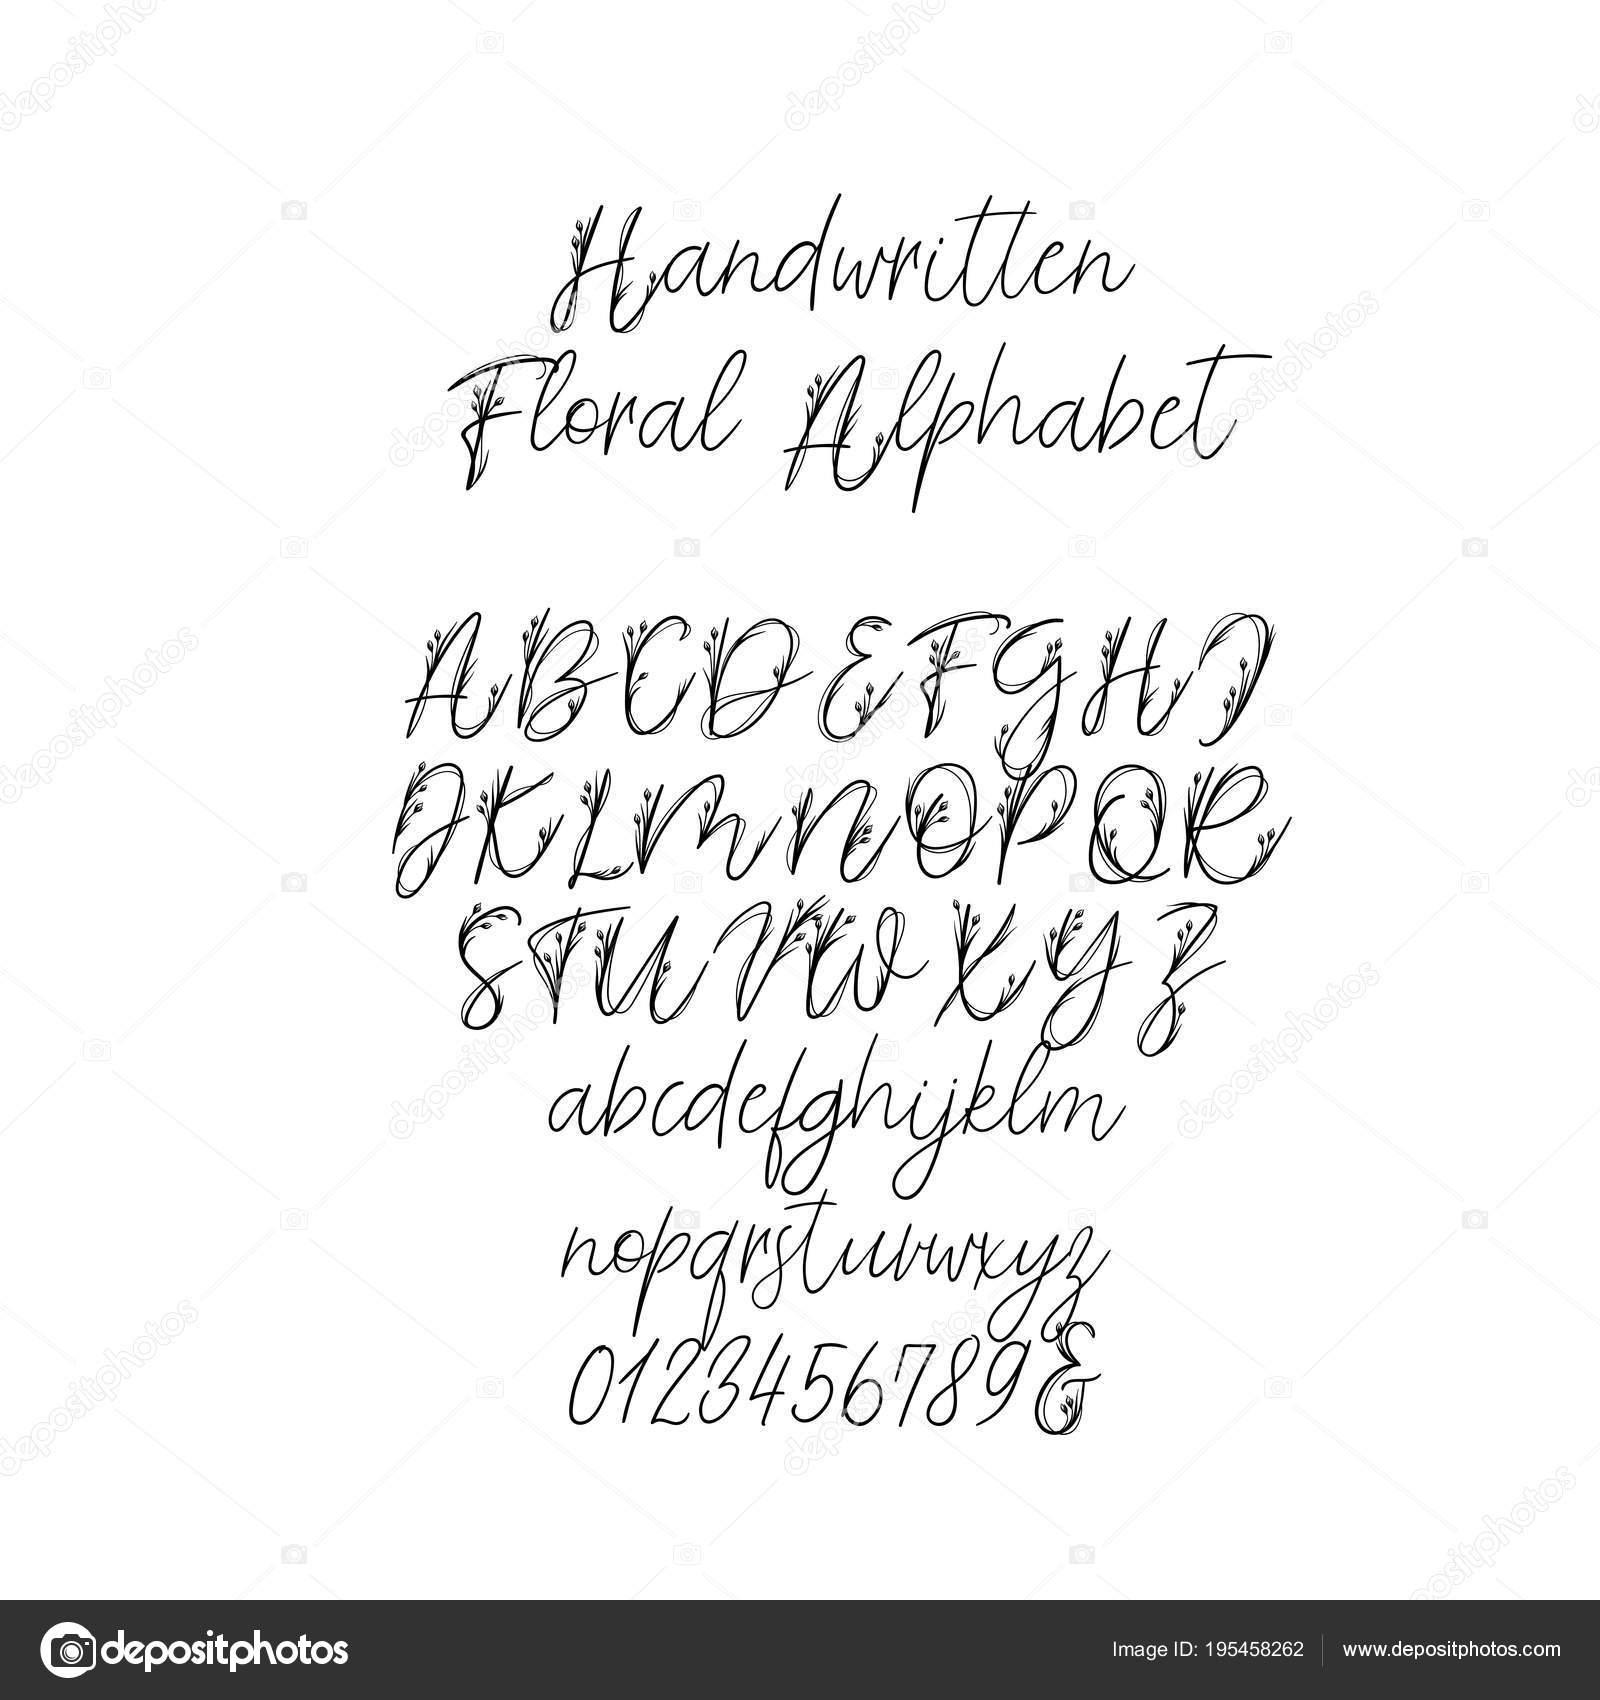 Dekorative Handschriftliche Pinsel Schriftart Für: Hochzeits Monogramm,  Logo, Einladung. Hochzeit Blumen Schriftart Isoliert Auf Weißem Hintergrund  U2014 Vektor ...